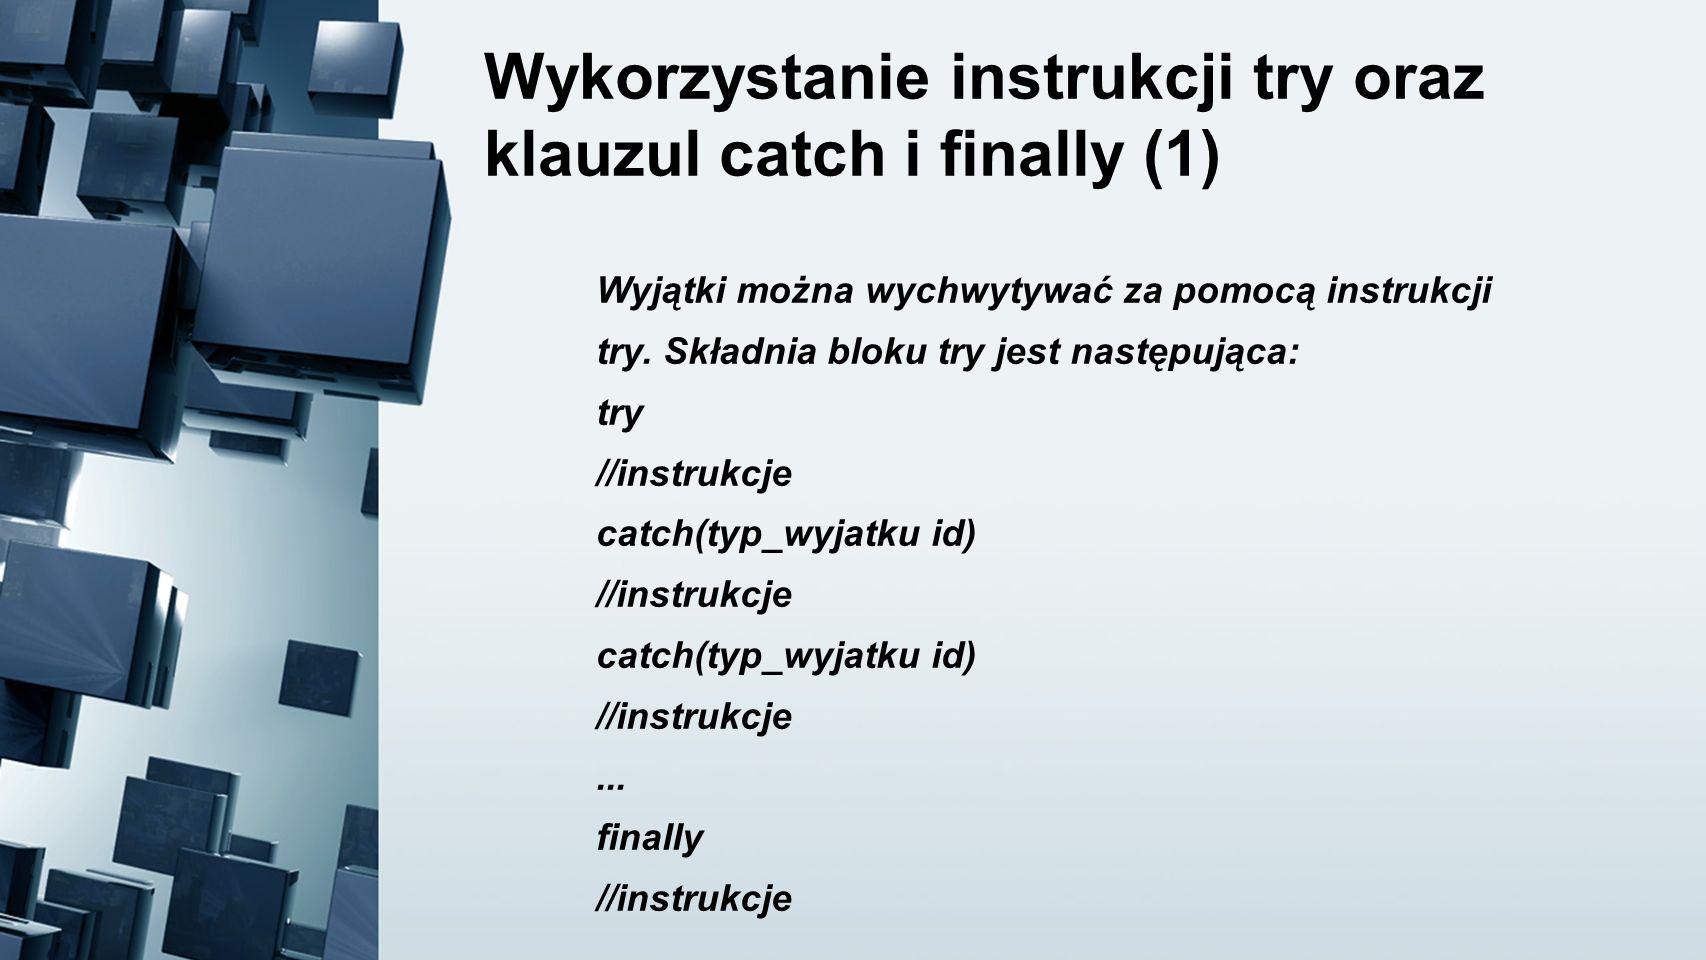 Wykorzystanie instrukcji try oraz klauzul catch i finally (1)